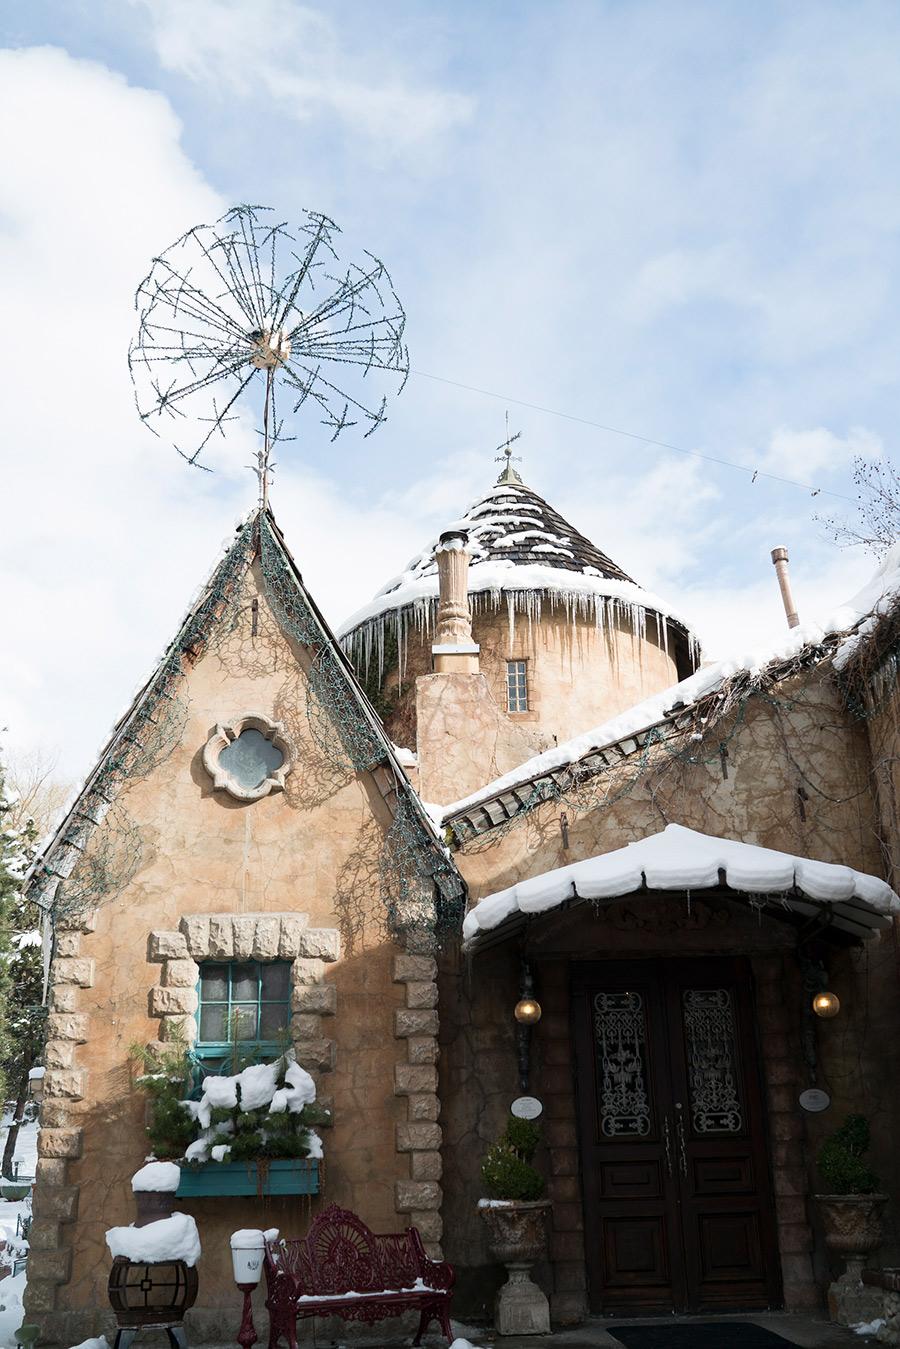 La Caille Restaurant. Fairy Tale Castle